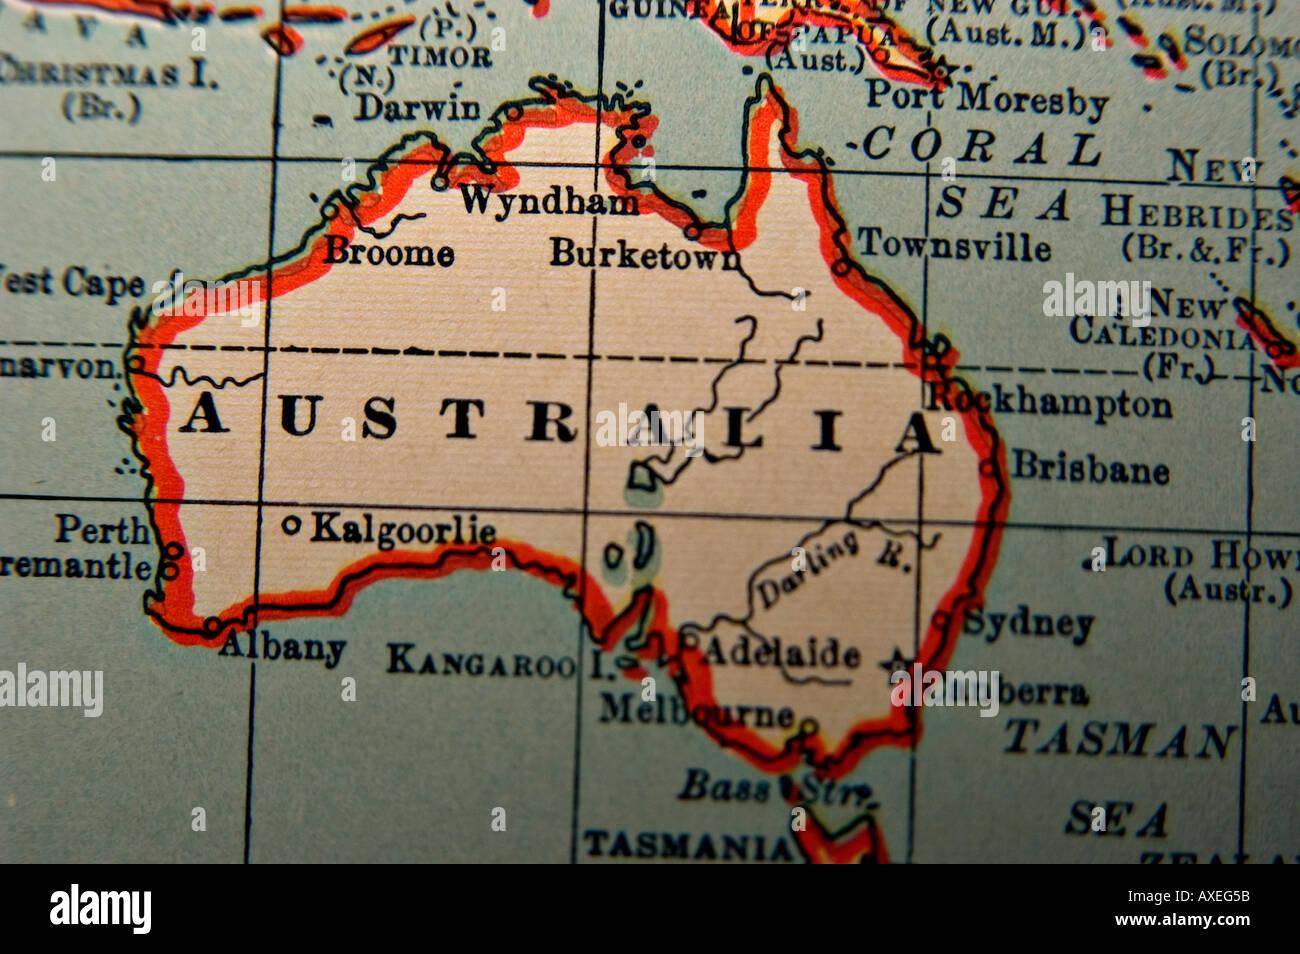 Antique Maps Stock Photos Antique Maps Stock Images Alamy - Antique maps for sale australia